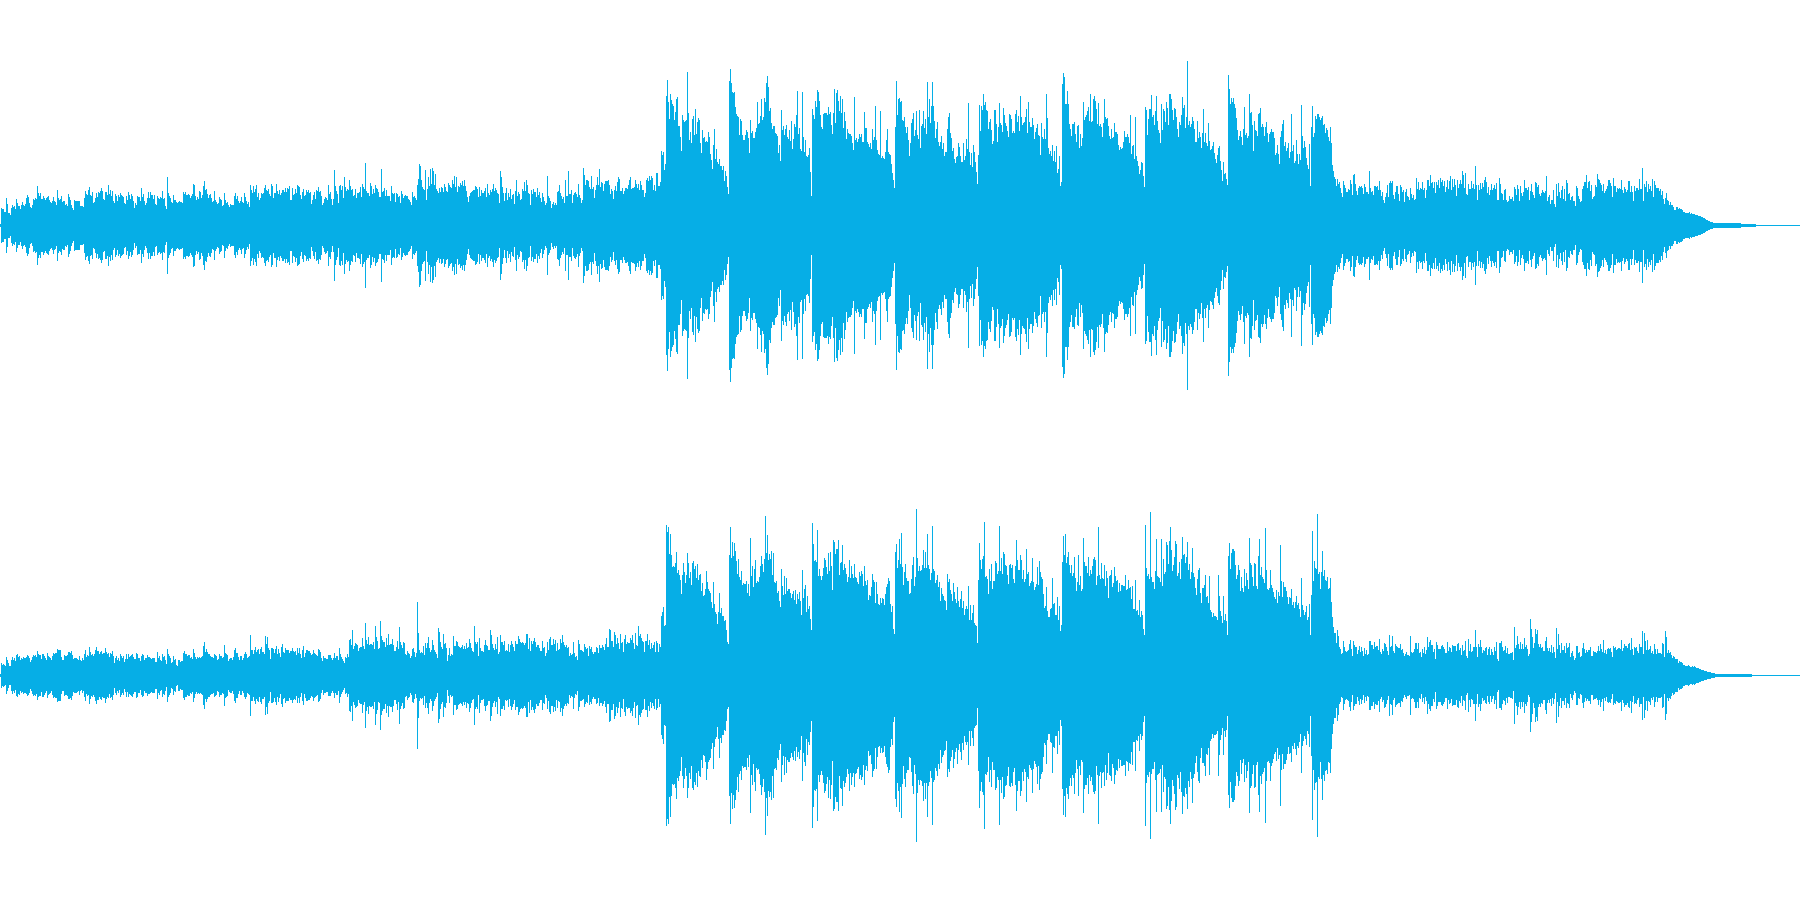 のどかでアコースティックなリスニング曲の再生済みの波形